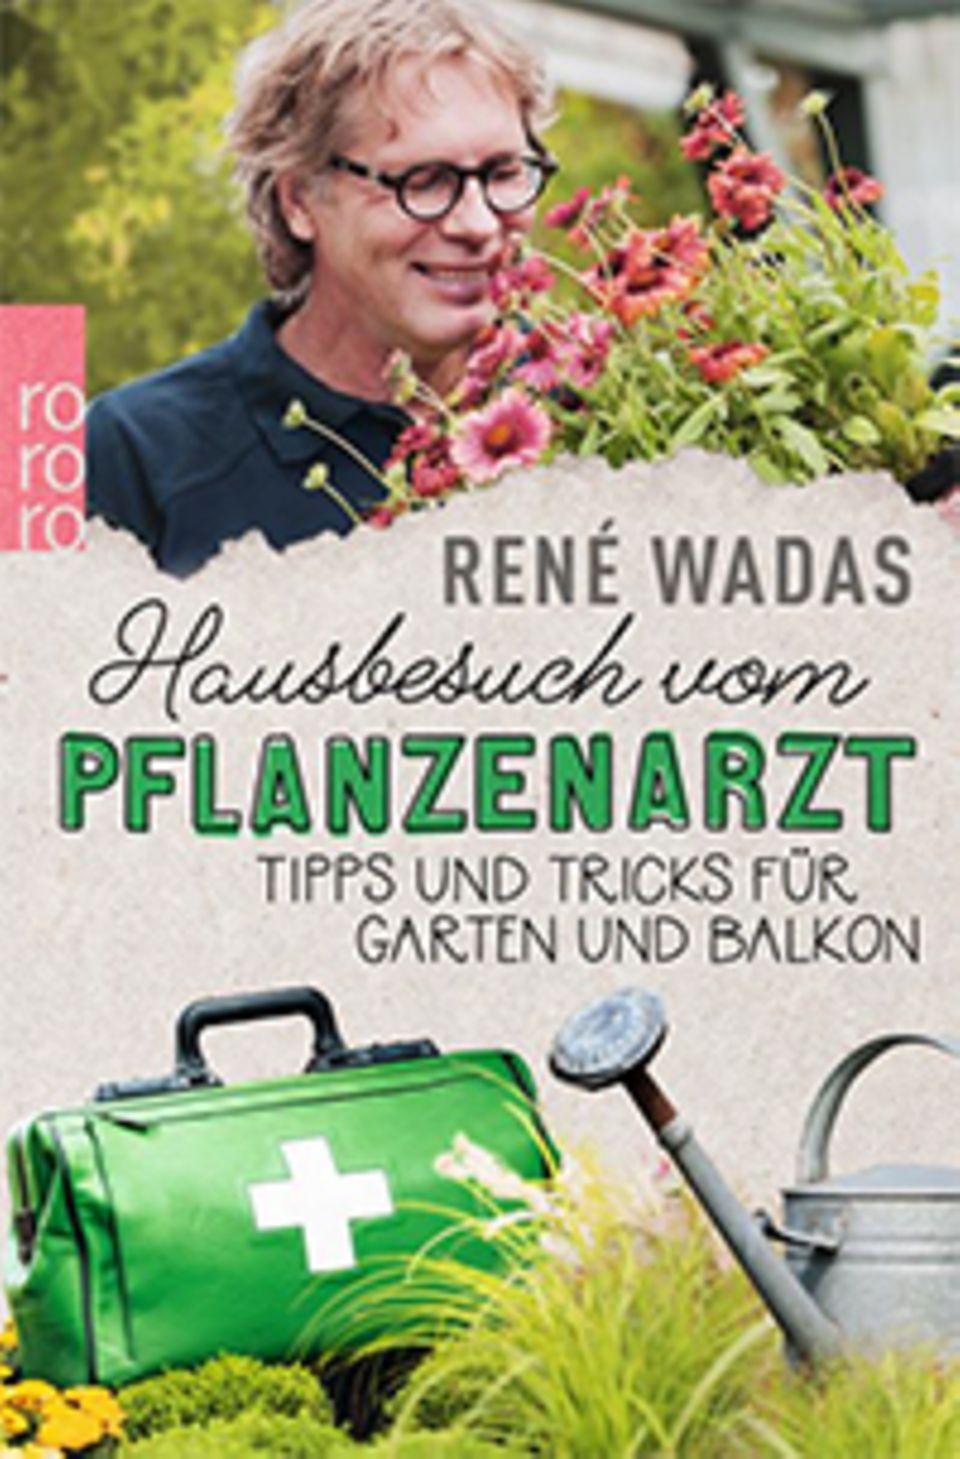 """Pflanzenkunde für Anfänger: Die Tipps stammen aus dem Buch """"Hausbesuch vom Pflanzenarzt"""" von René Wadas, soeben erschienen im Rowohlt Verlag"""